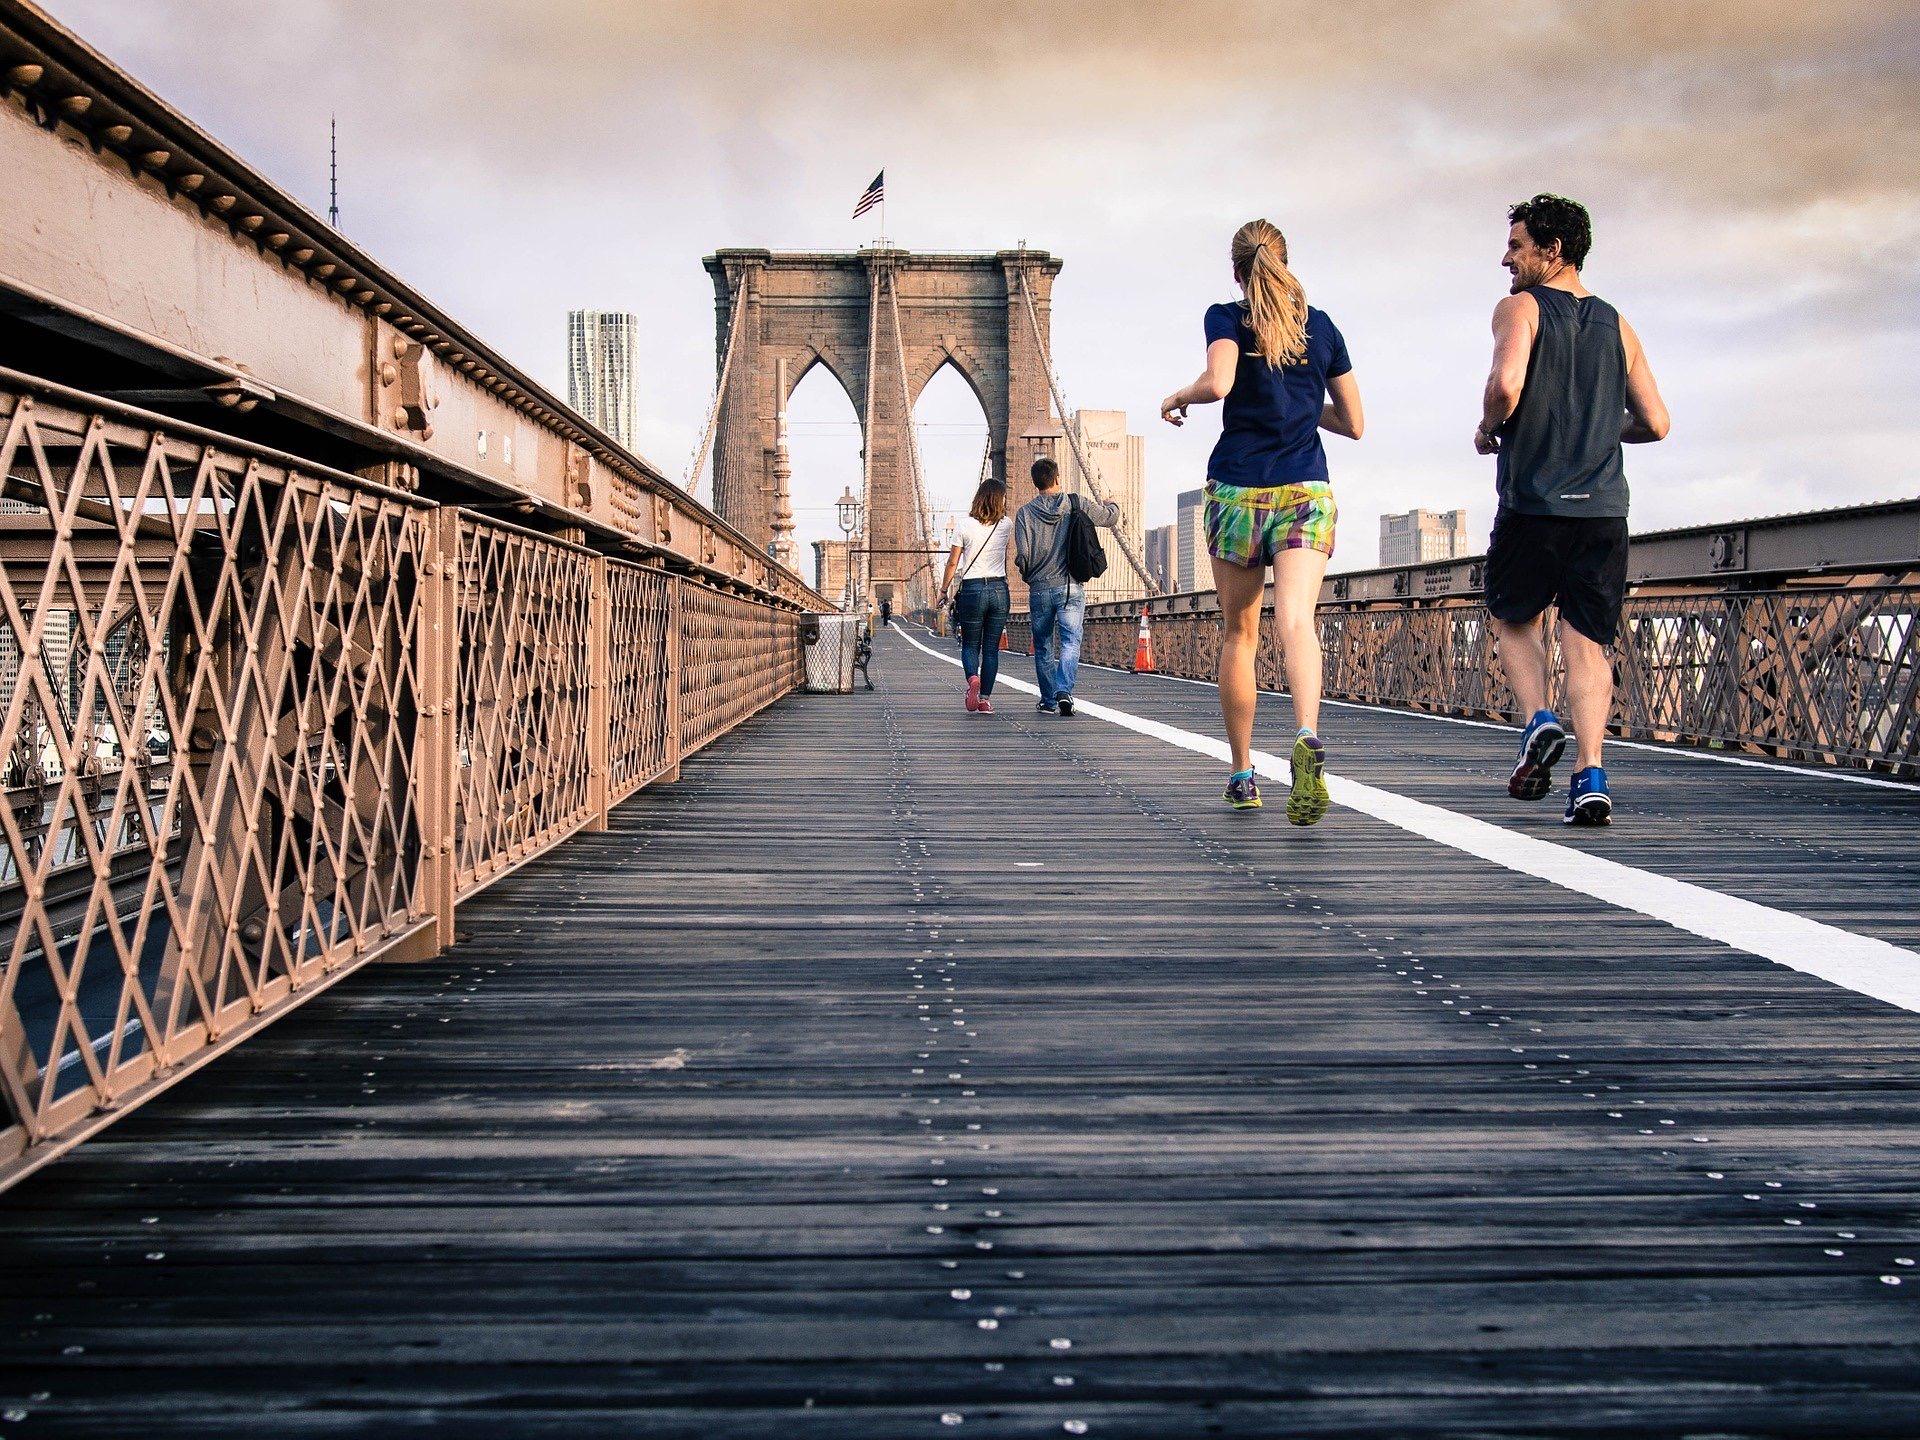 マラソンをする2人